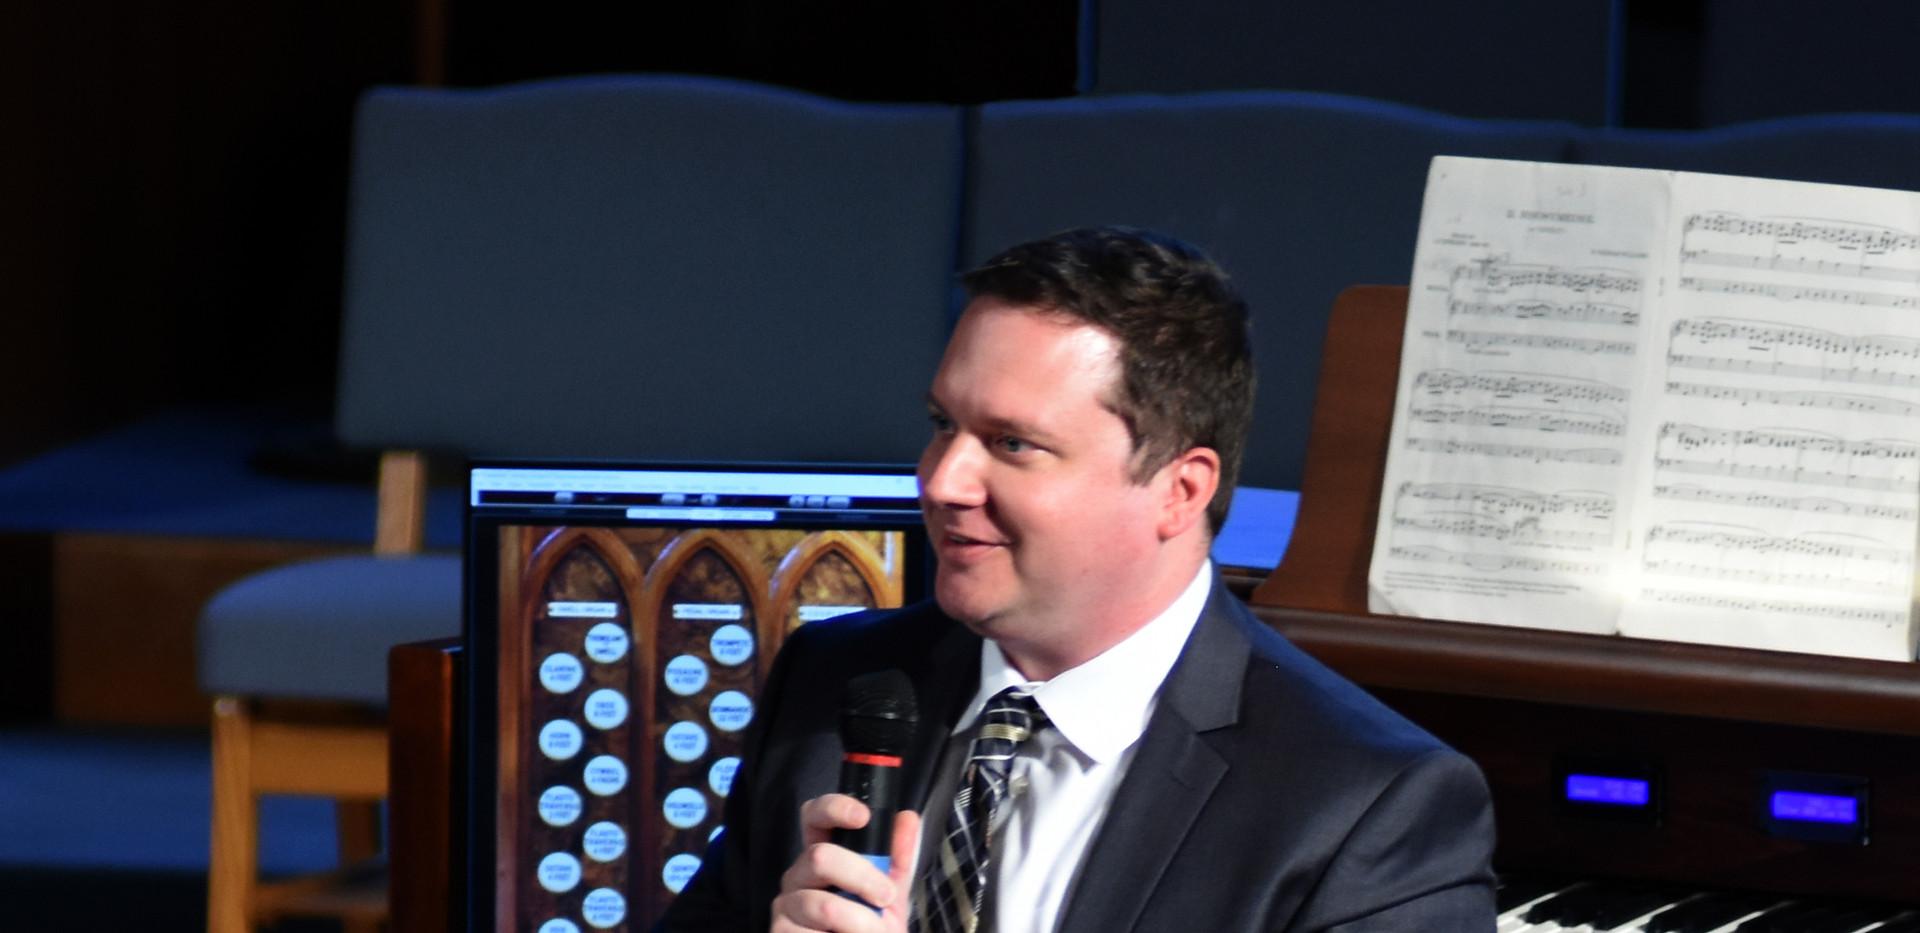 John Allegar at the Dedication Concert